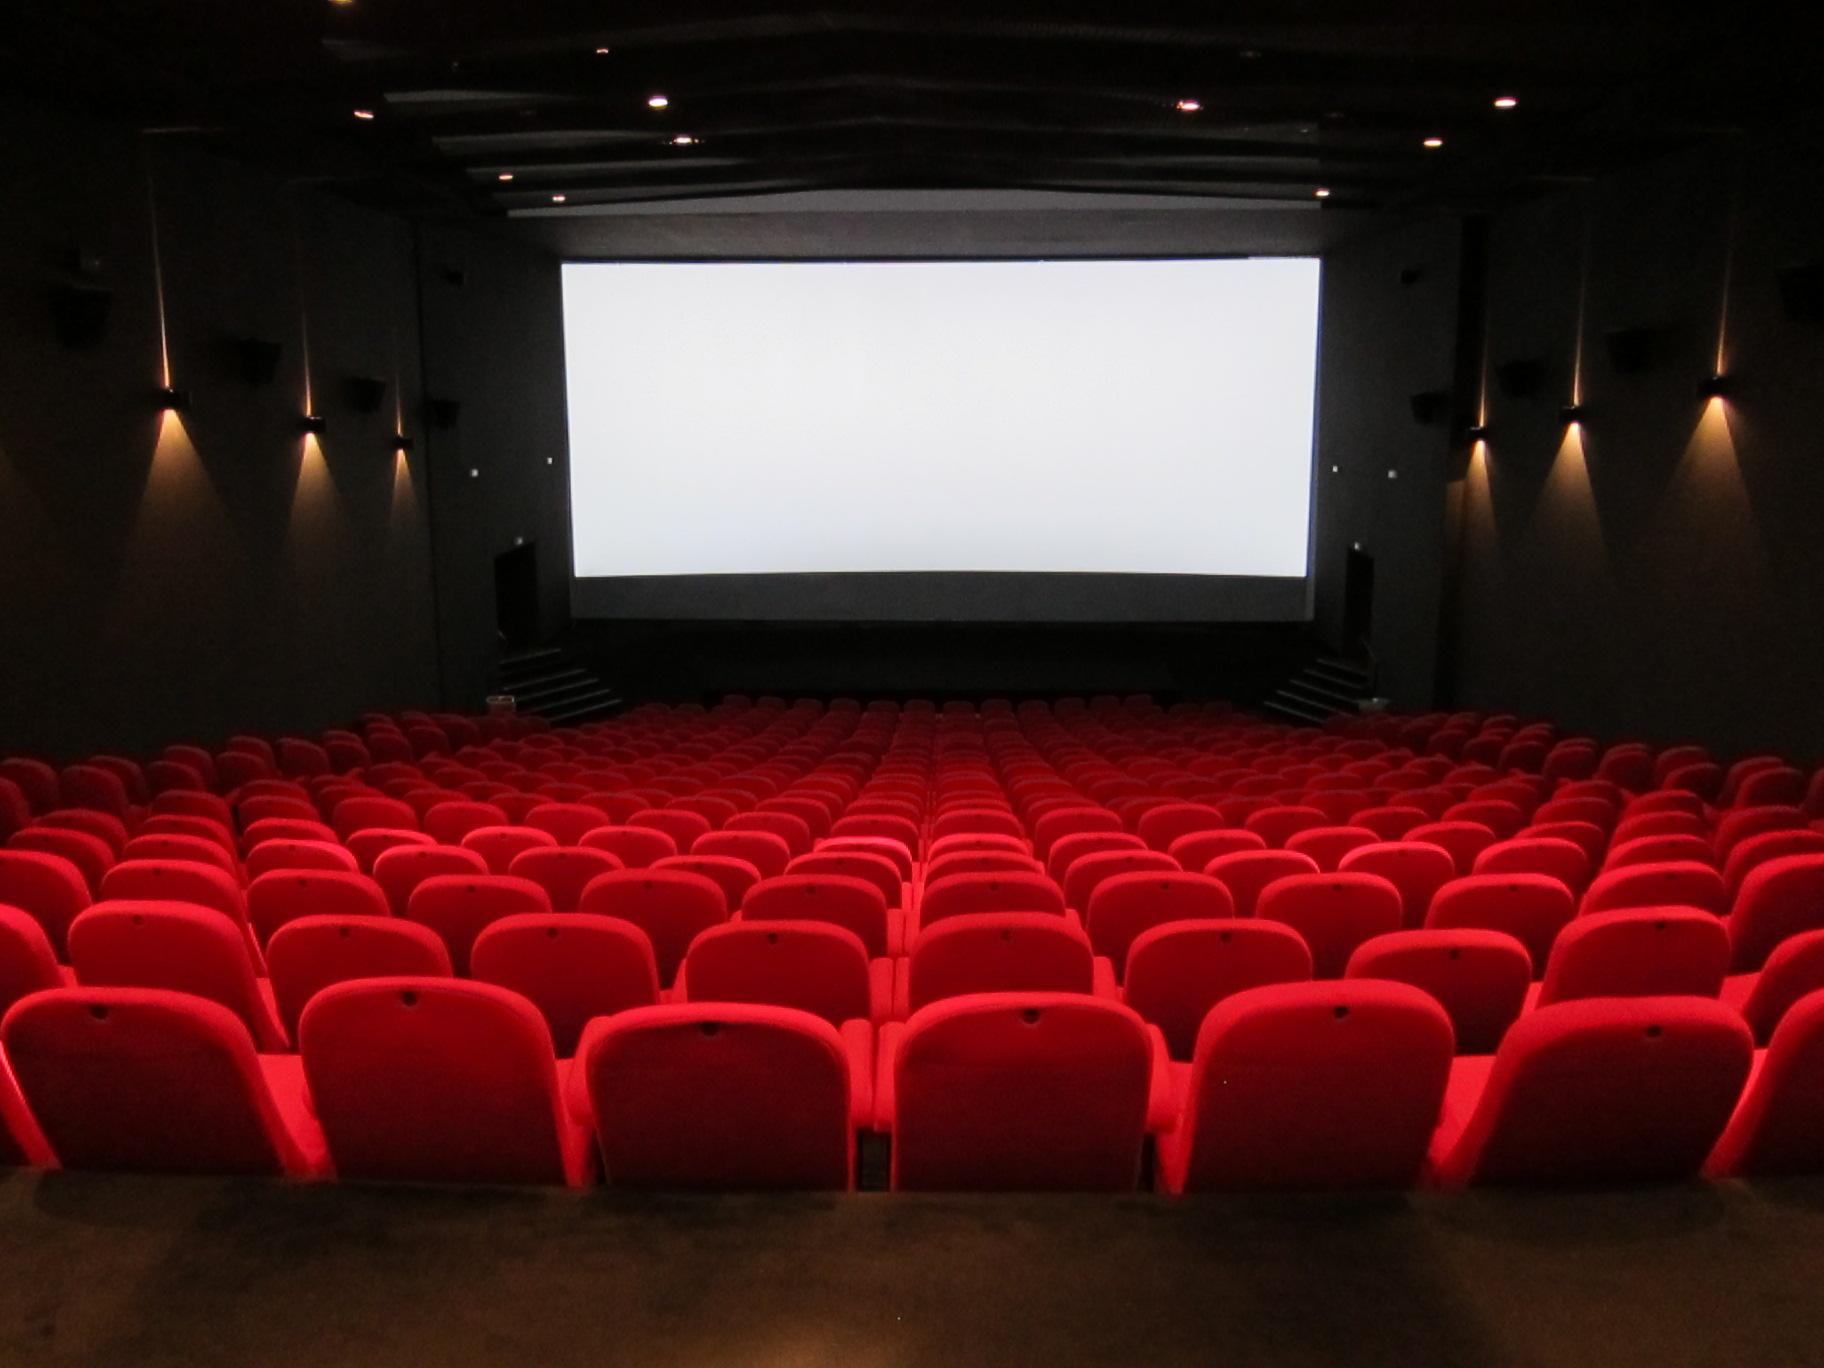 Le retour du cinéma !